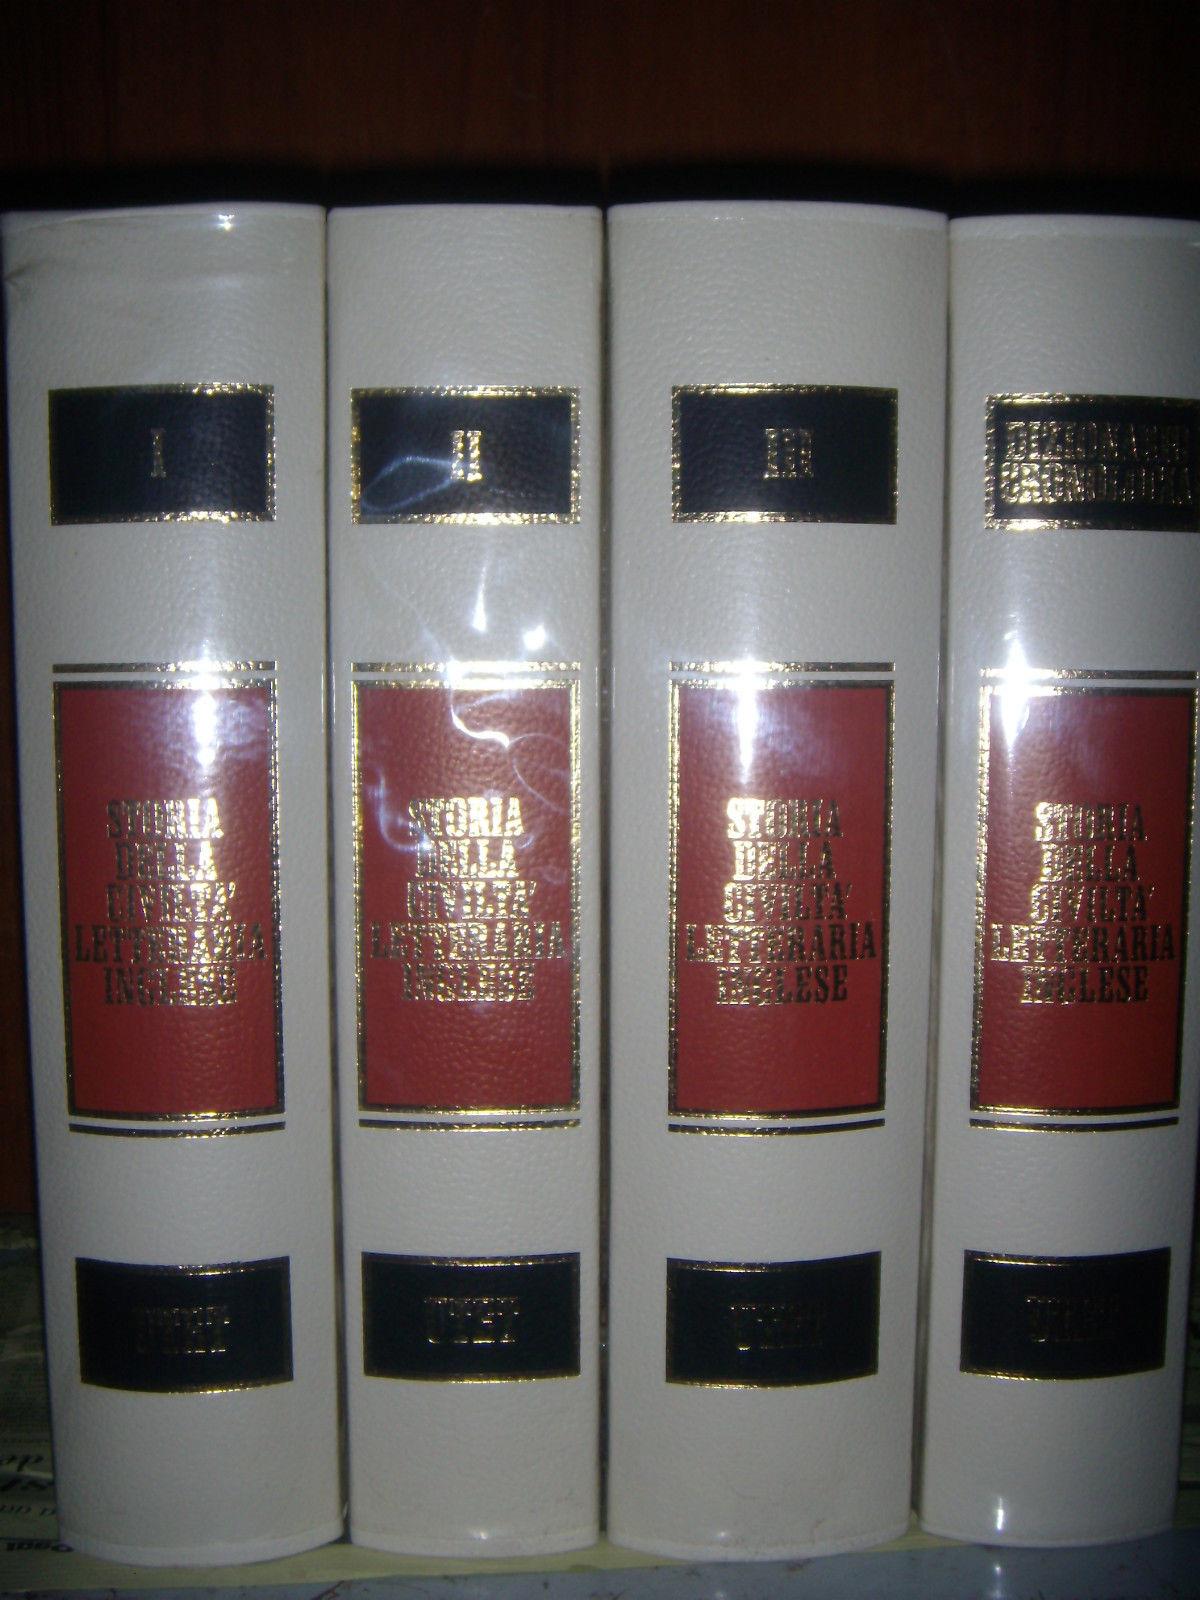 Storia della civiltà letteraria inglese